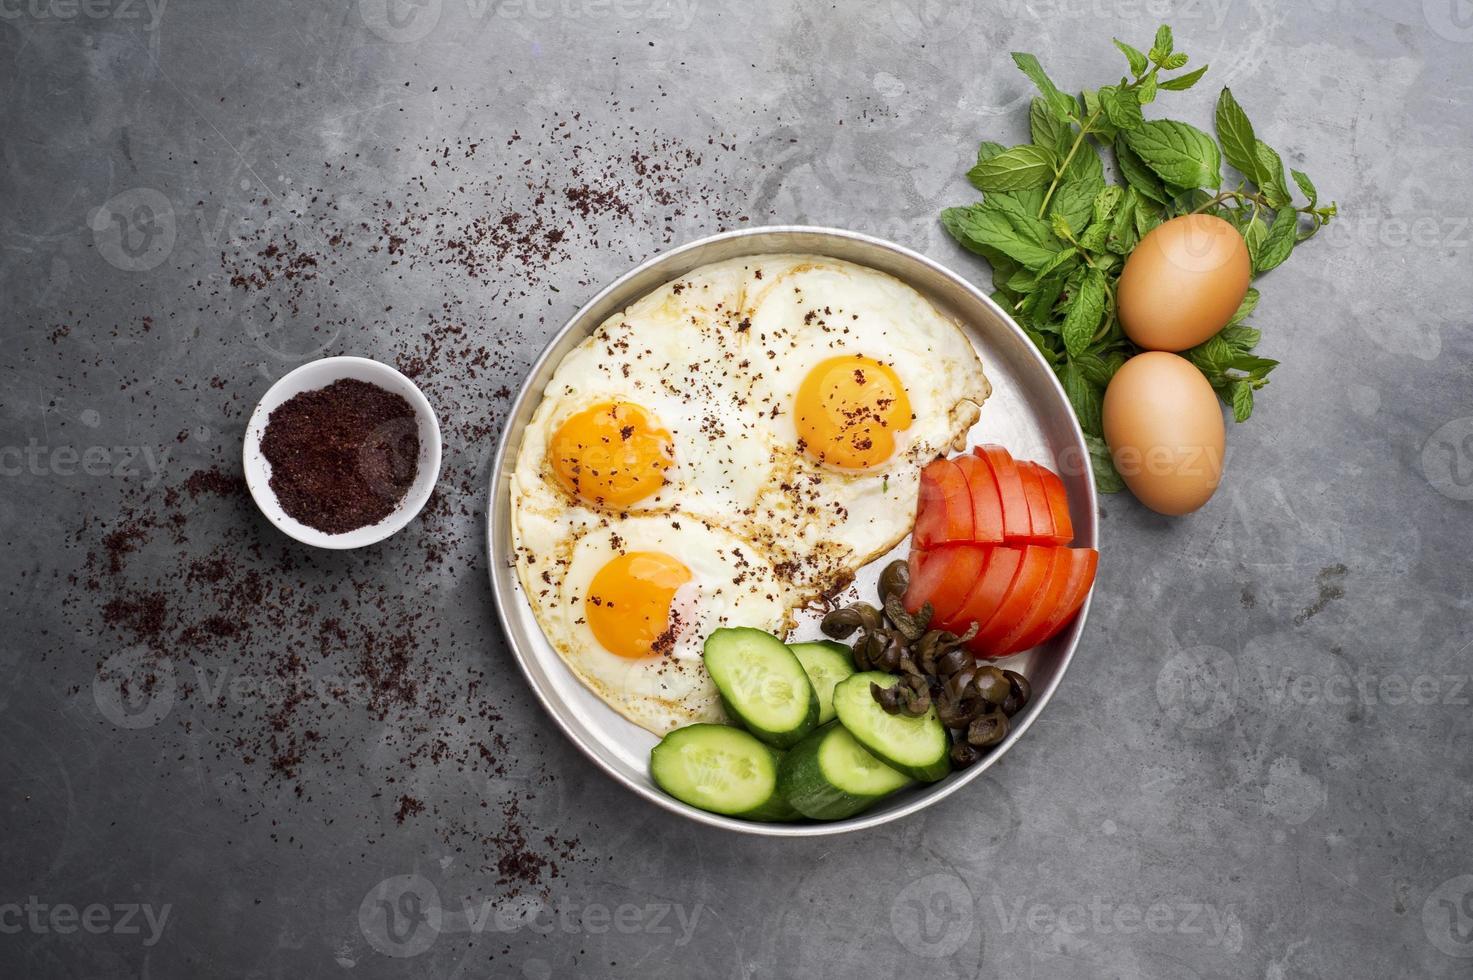 présentation d'oeufs cuits à la menthe, tomate, olive, concombre et sumac photo